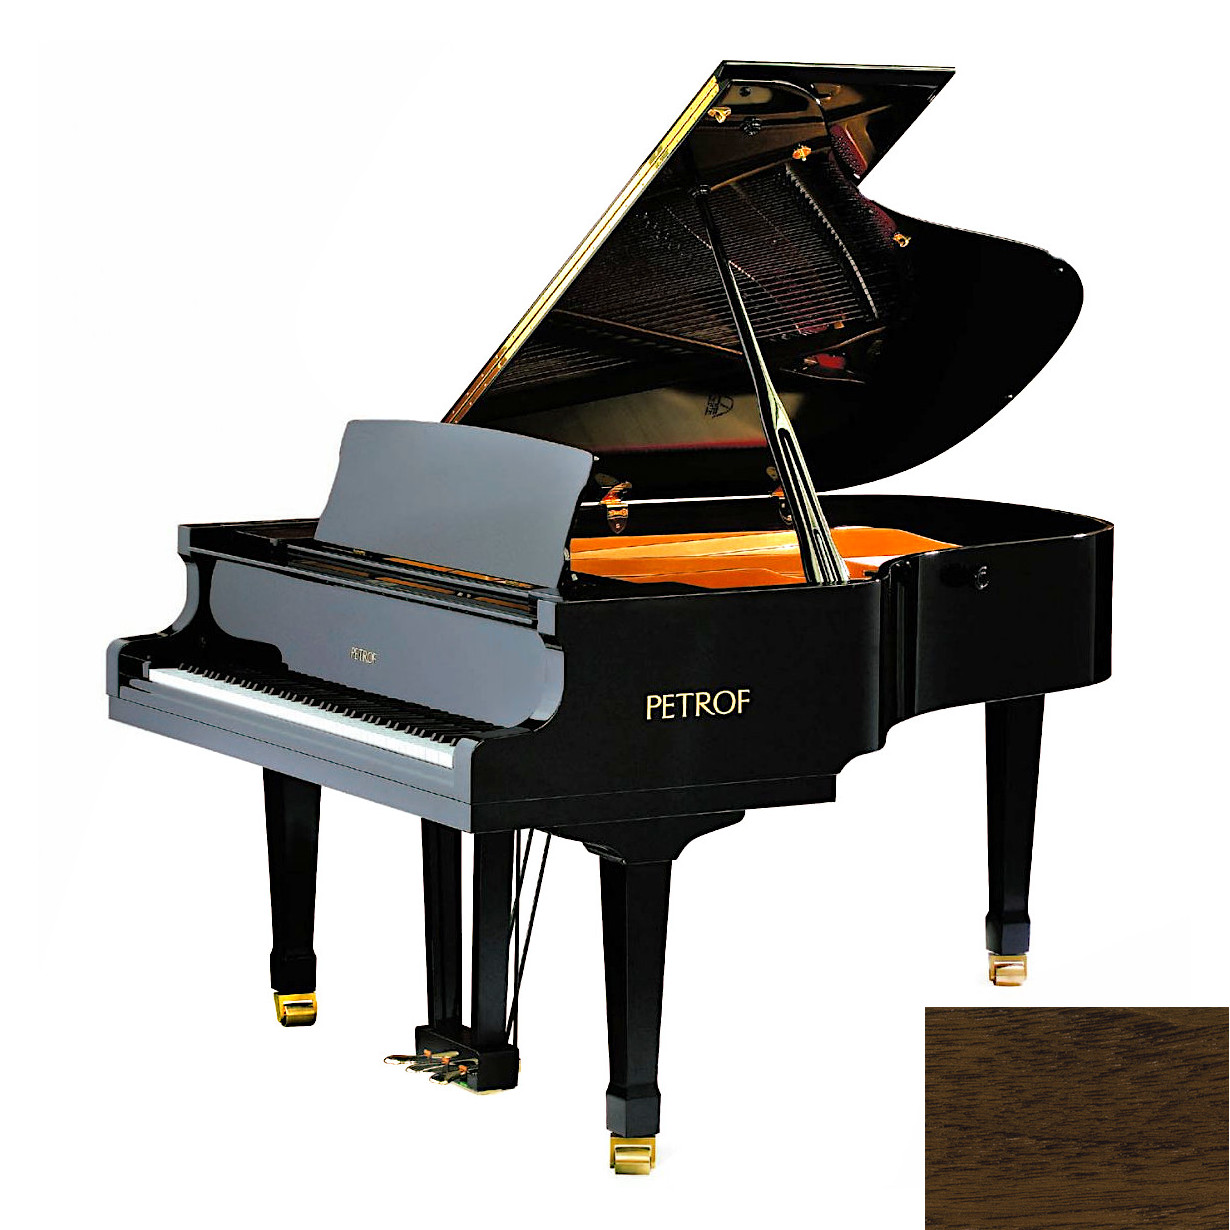 Акустический рояль PETROF P 194 Storm черный Фото 1